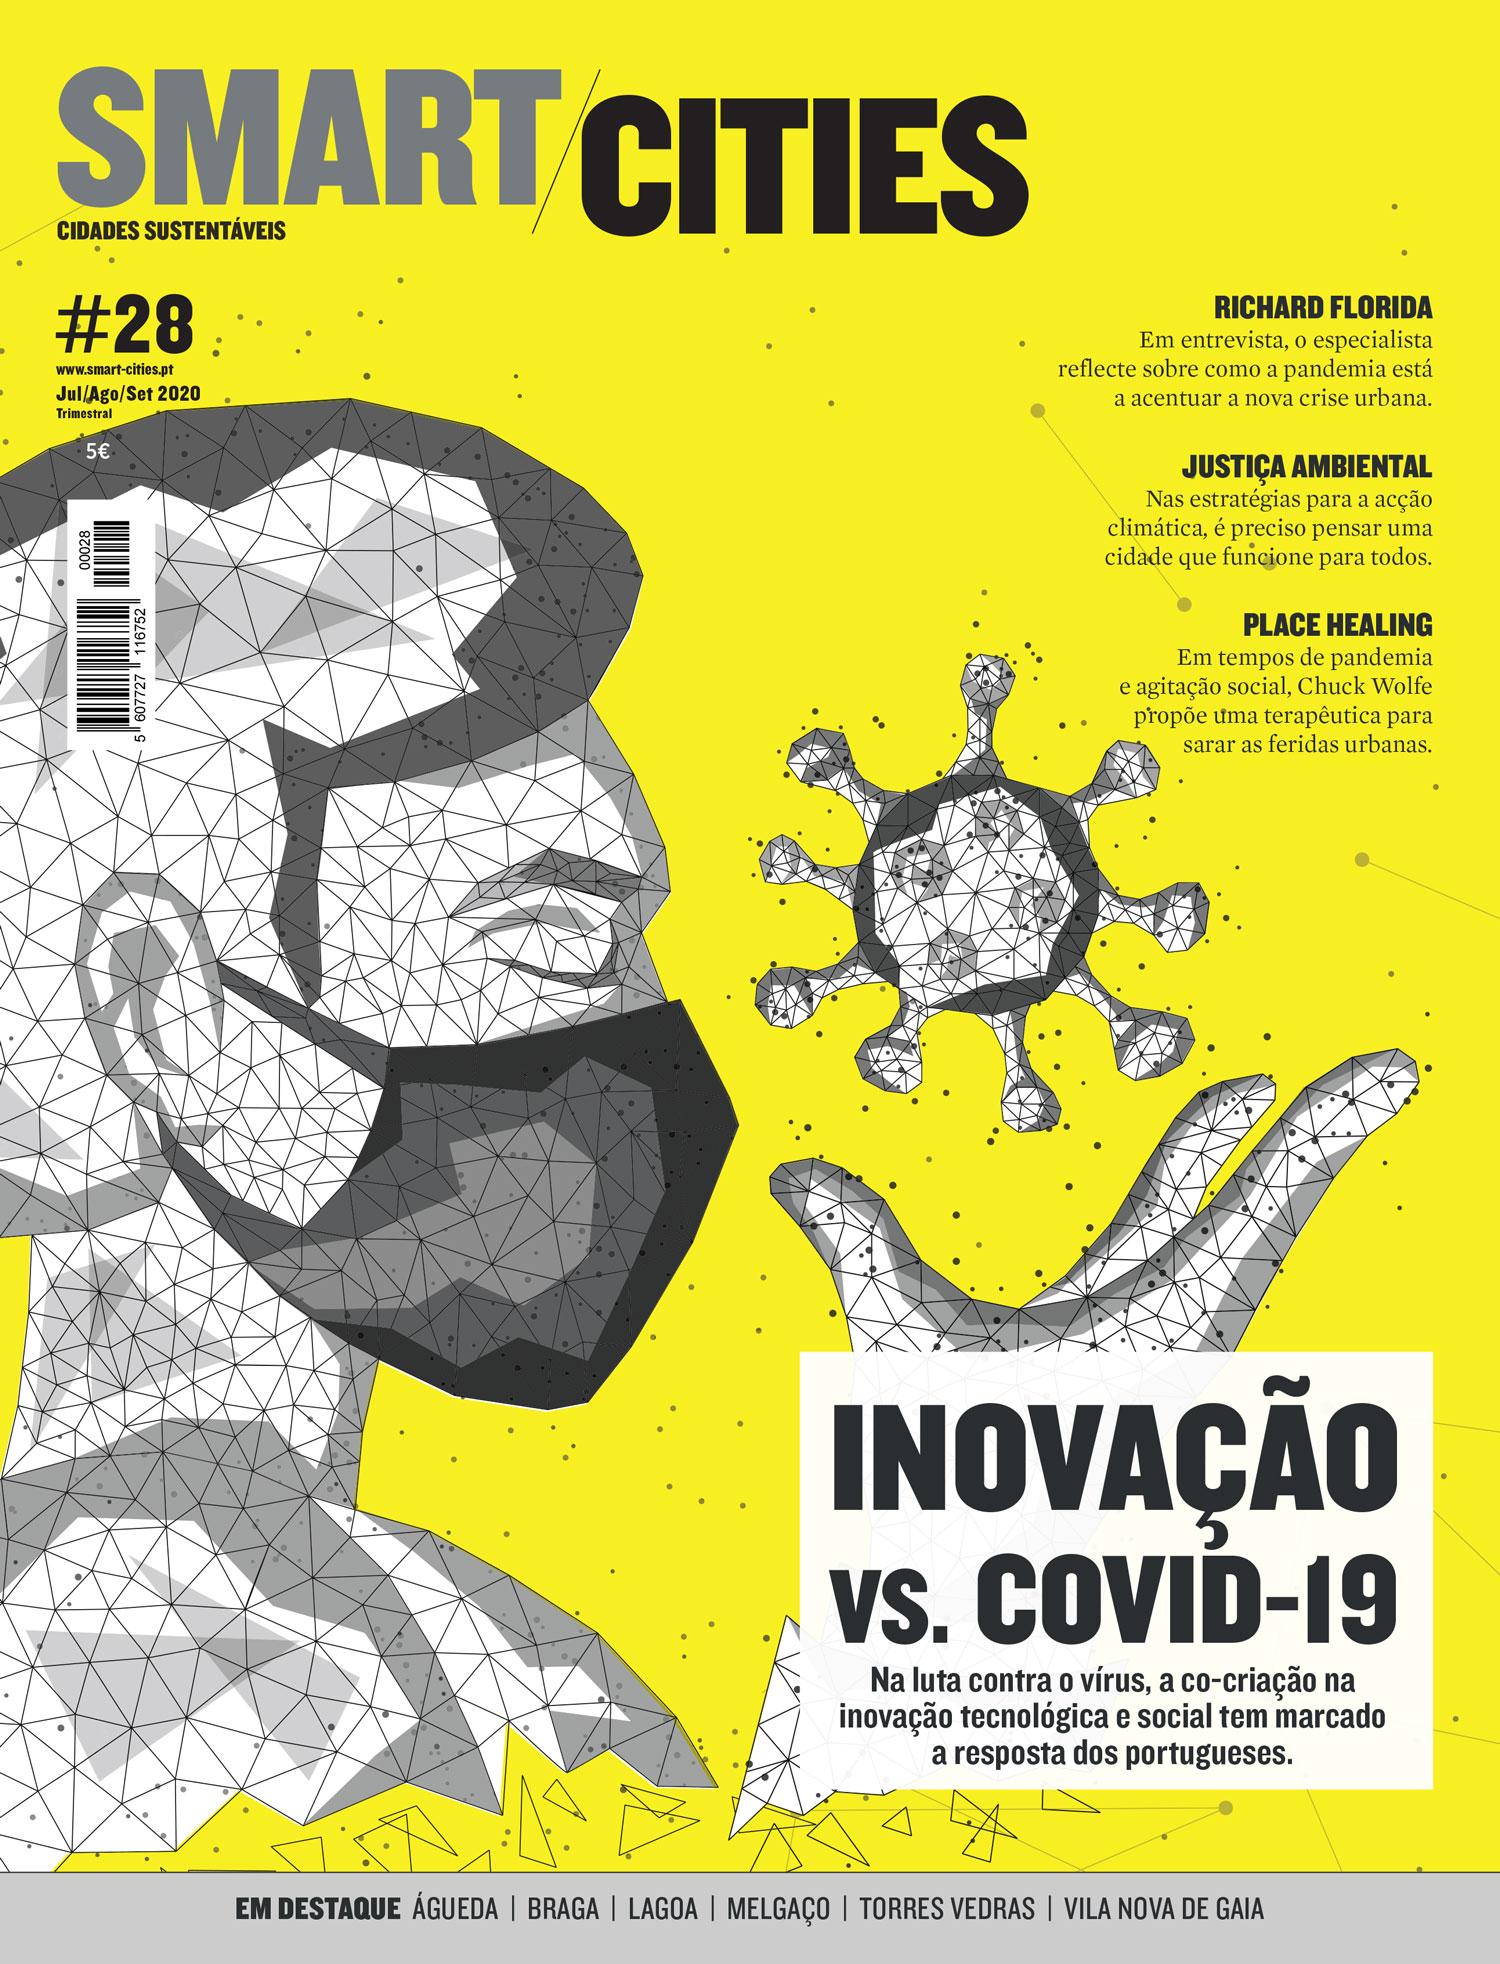 Pós-pandemia: uma nova era urbana?